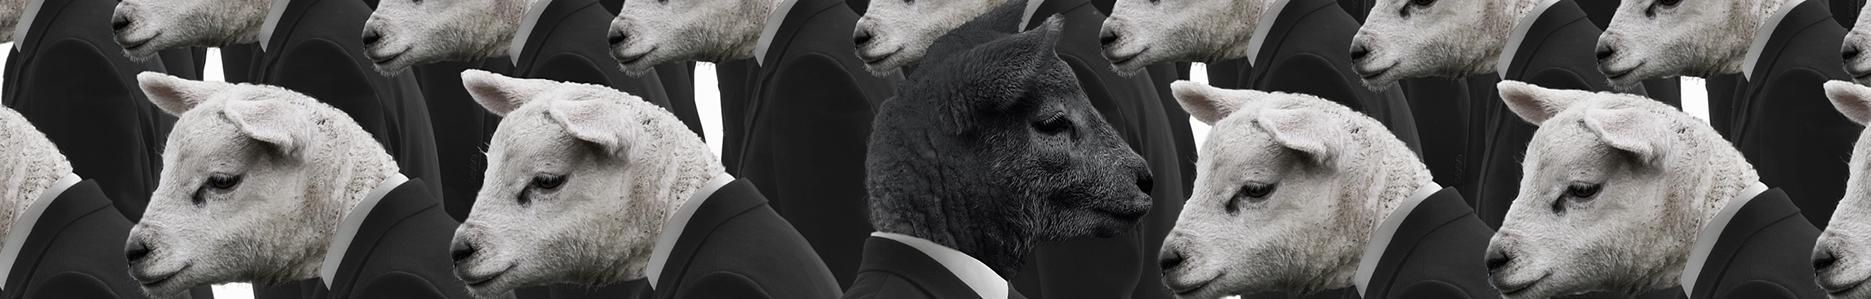 黑羊时代 banner